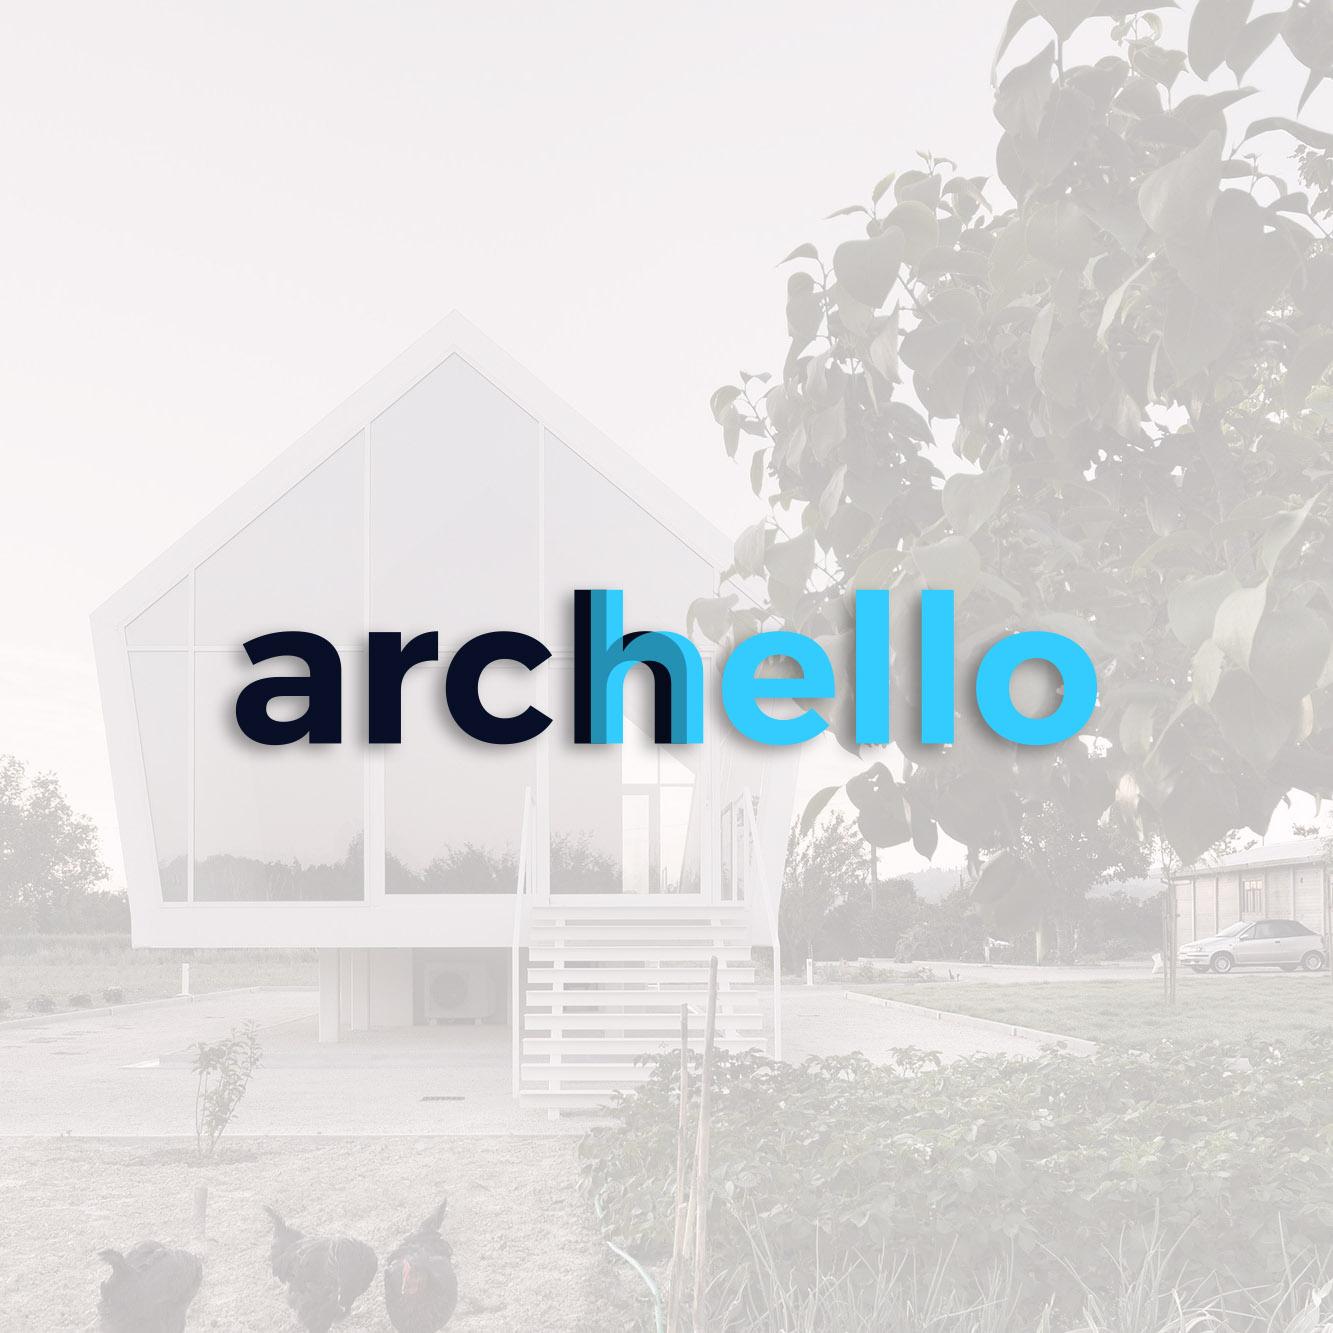 archello-media